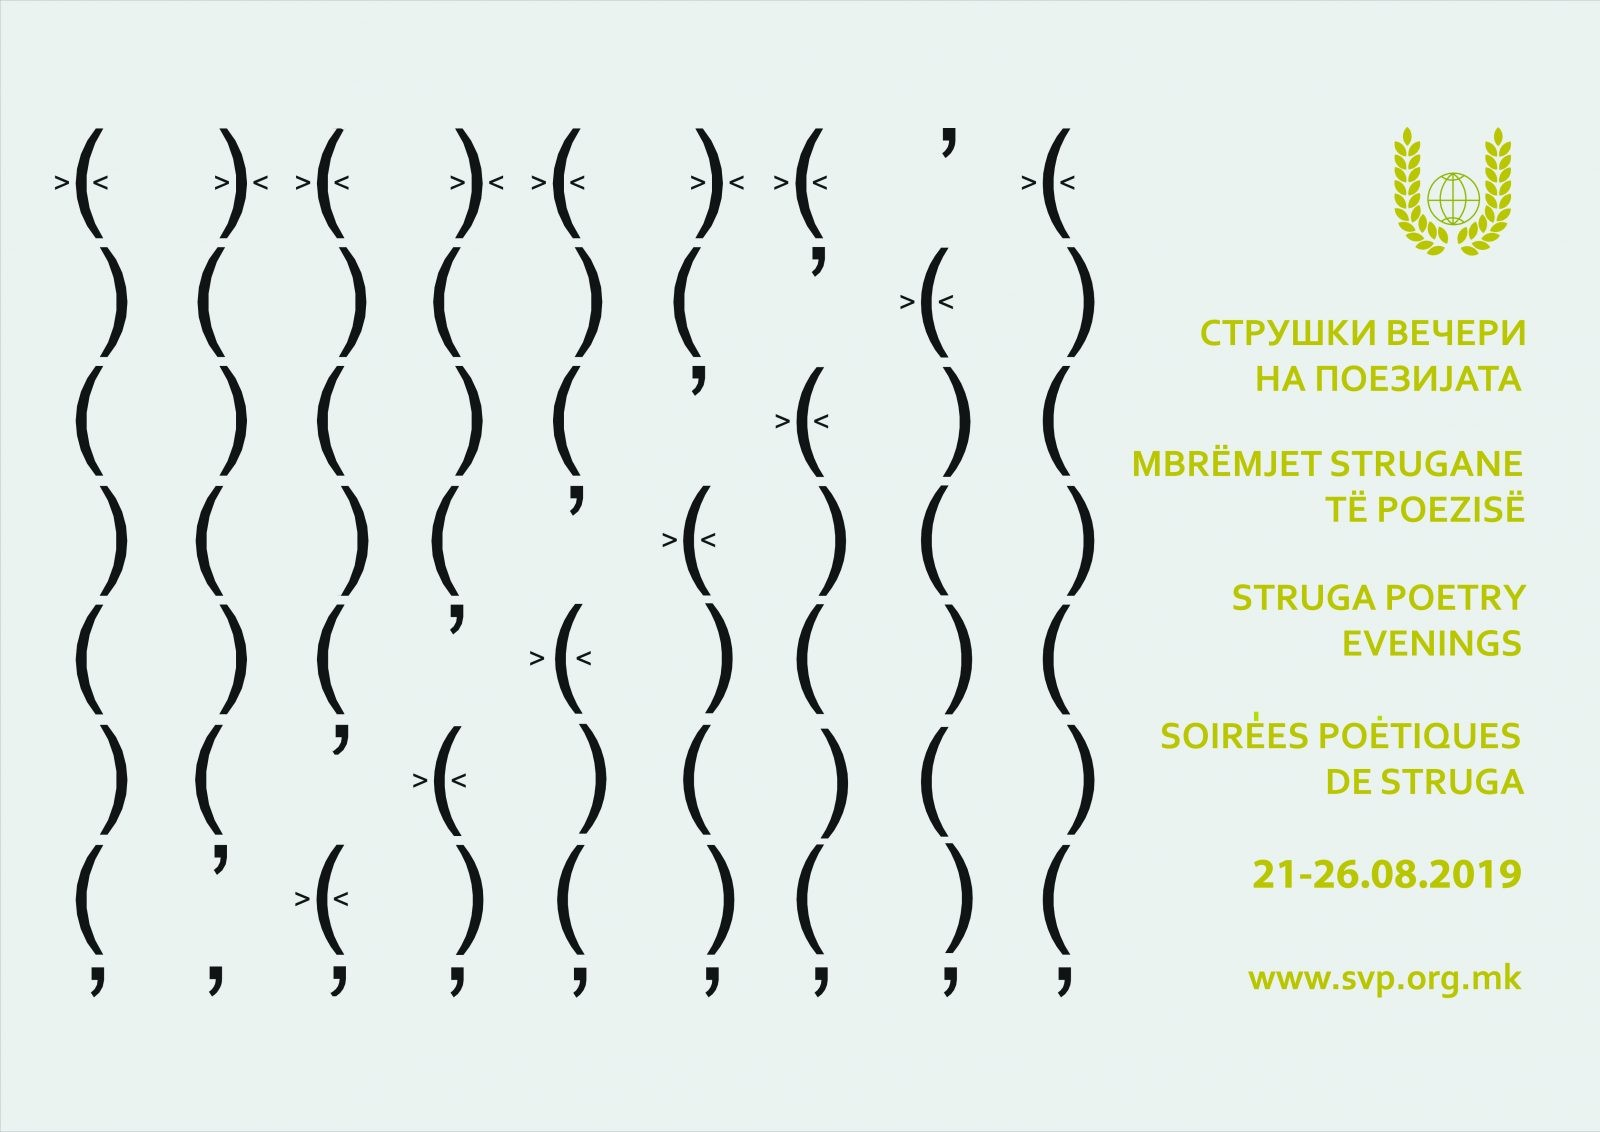 """Струга по 58- ми пат ќе биде сцена на една од најголемите и најпрочуените културни манифестации во земјава – """"Струшките вечери на поезијата"""""""